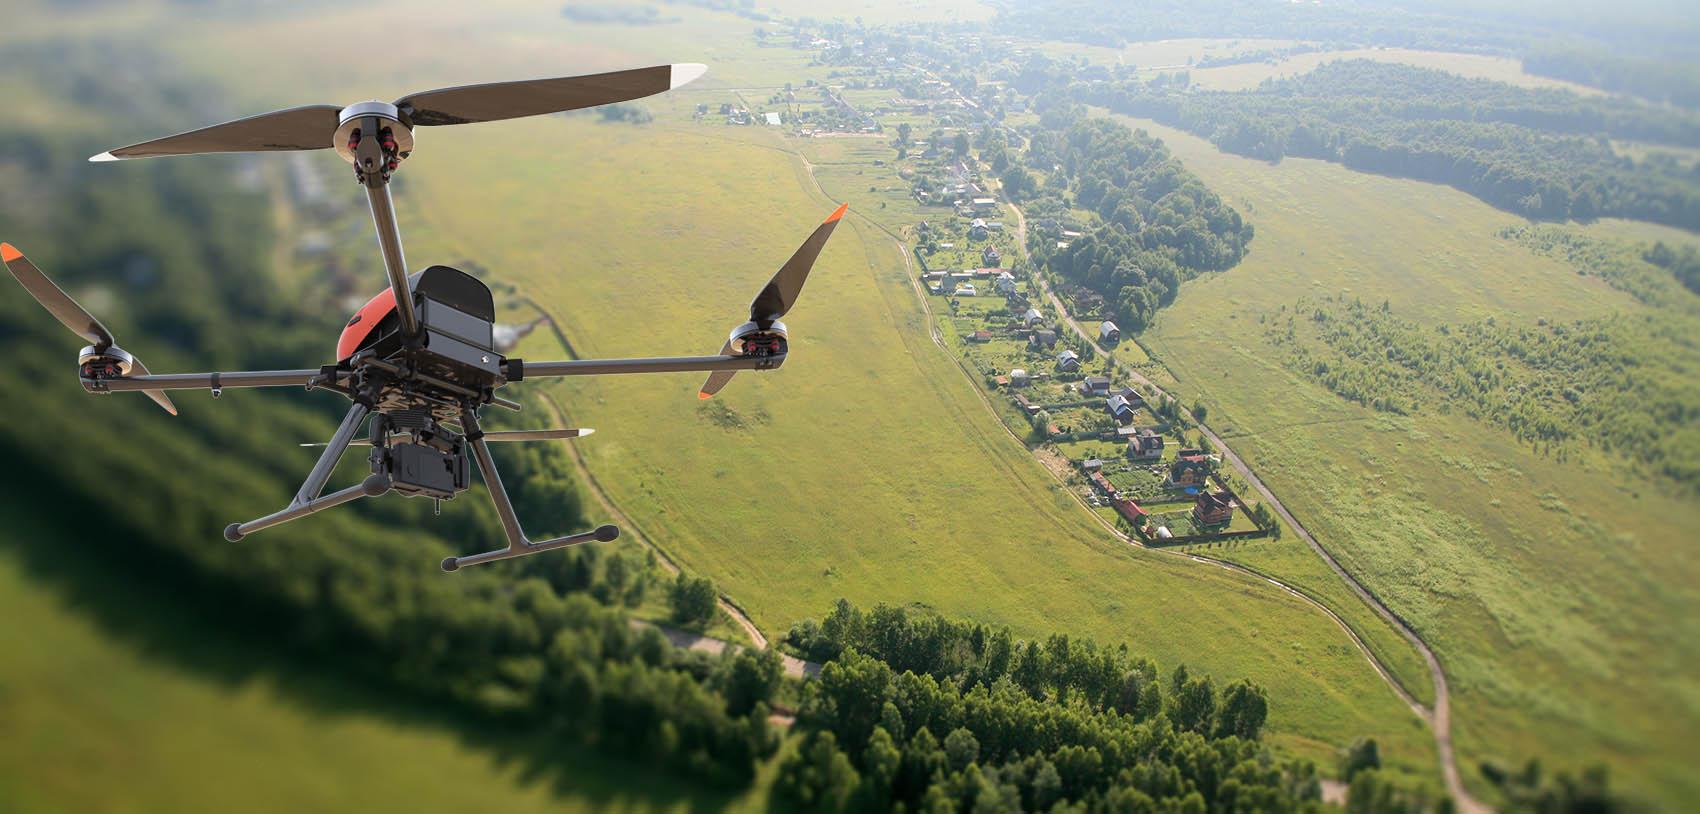 Аэросъемка с помощью дрона